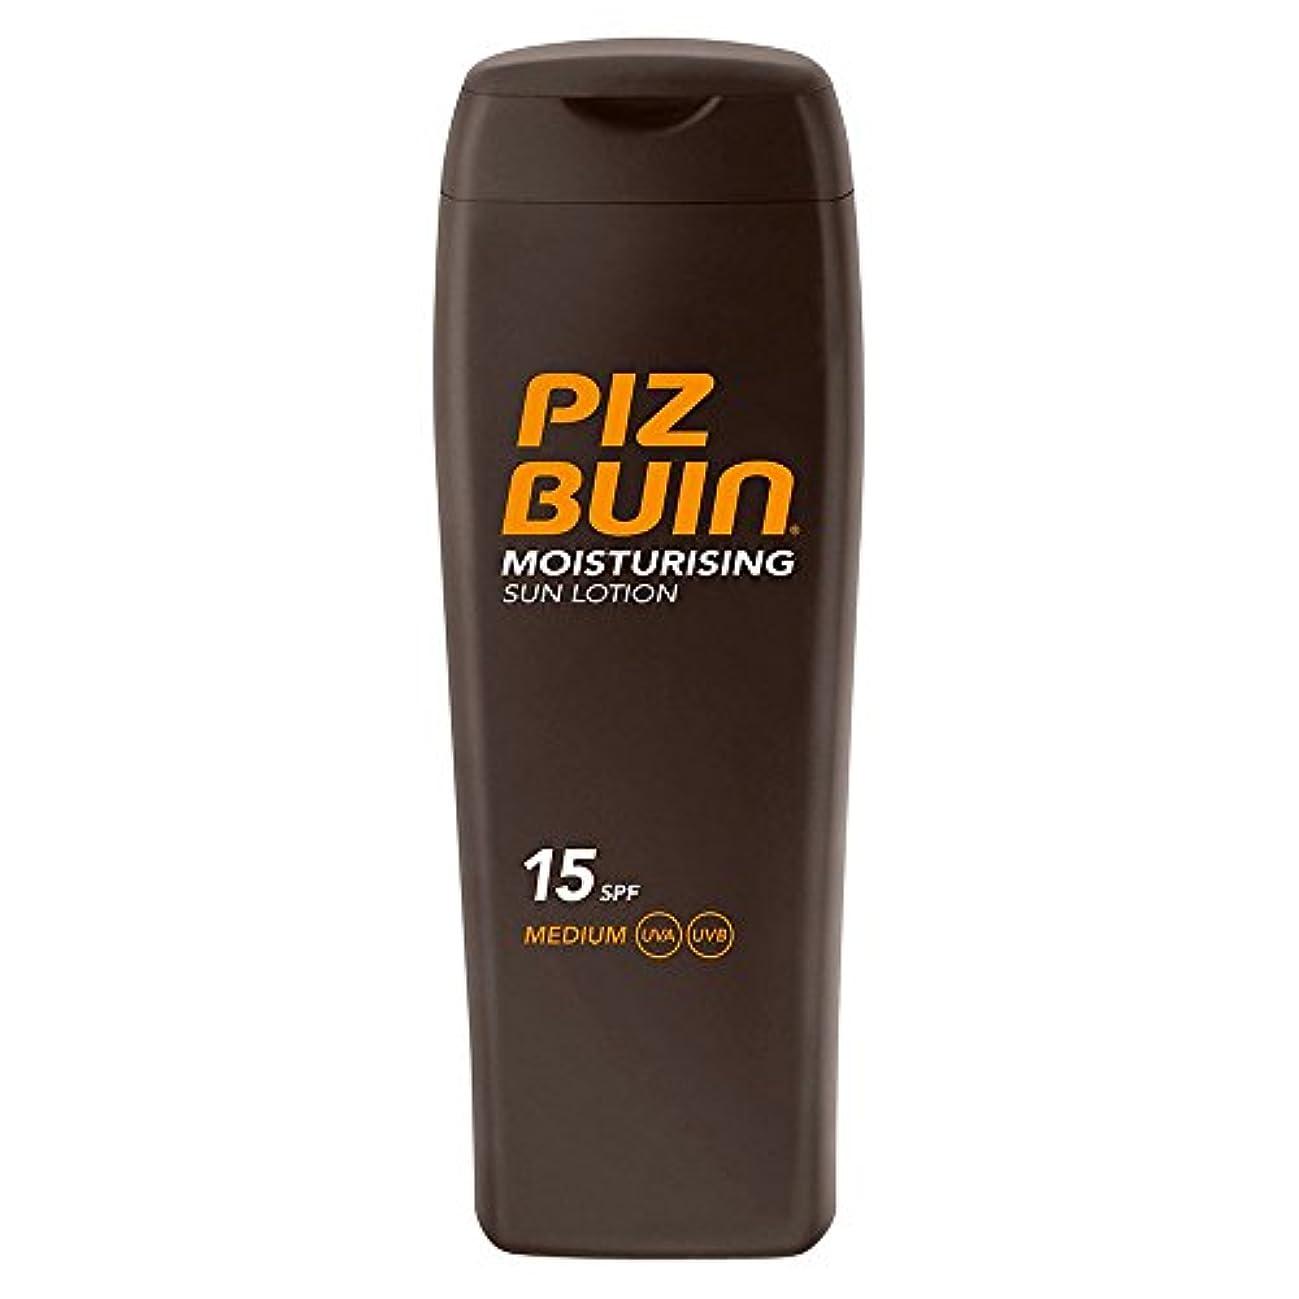 無許可しばしばマイコン日ローションSpf15の200ミリリットル中ピッツのブイン (Piz Buin) (x6) - Piz Buin In Sun Lotion SPF15 200ml (Pack of 6) [並行輸入品]